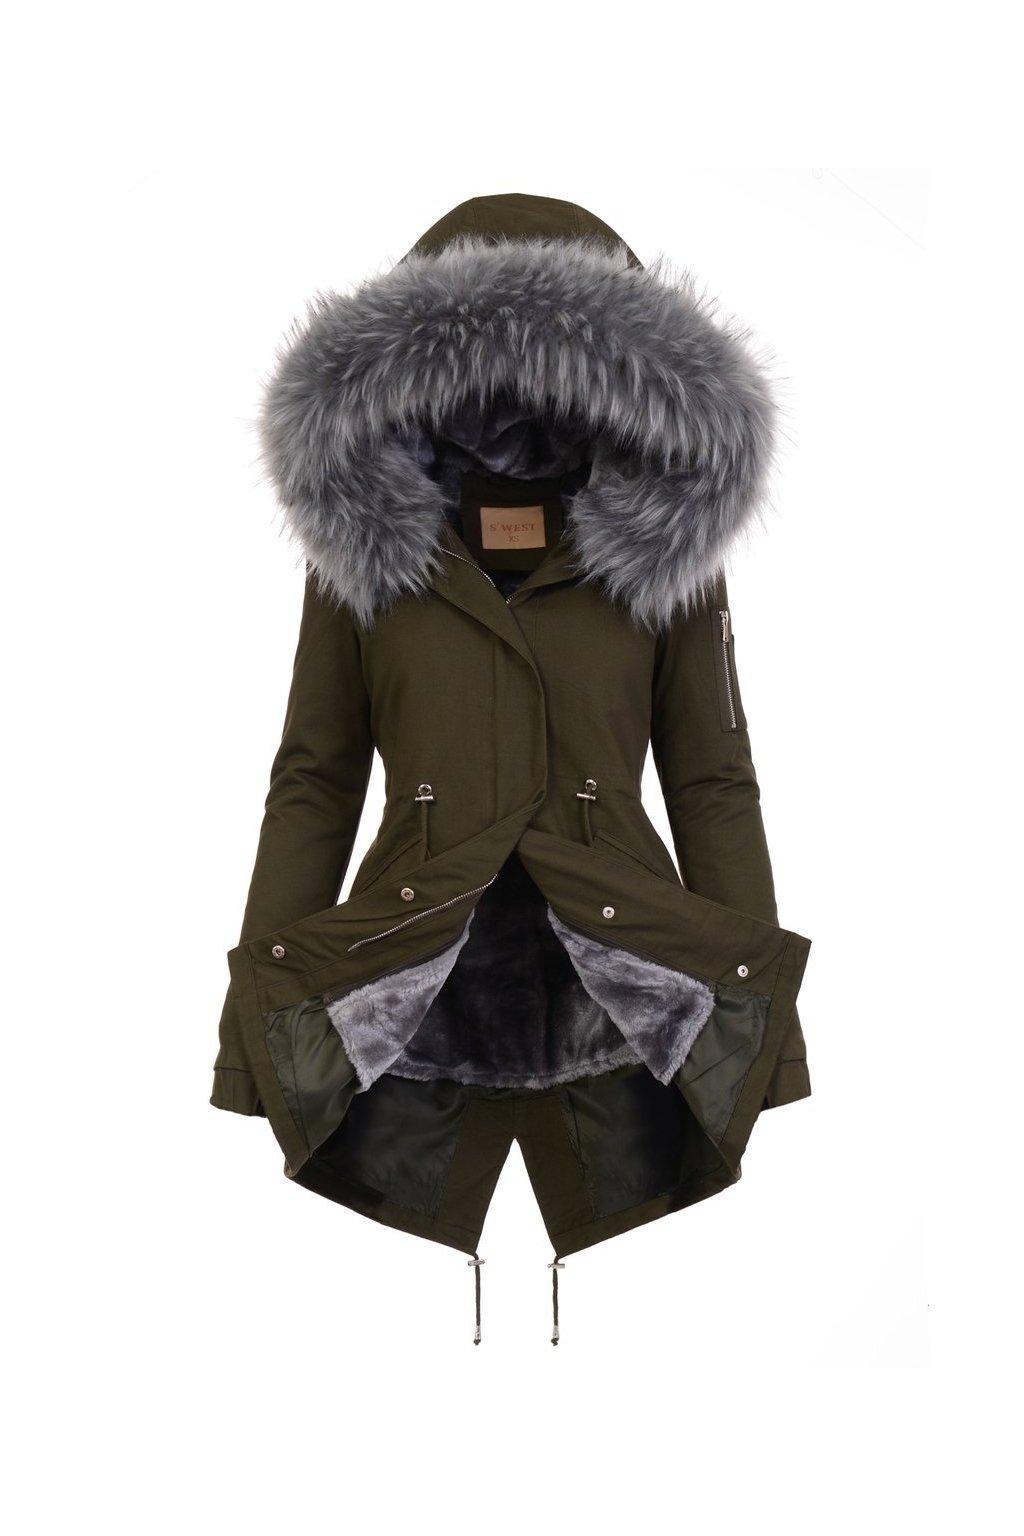 Dámska zimná bunda parka 2v1 5078 zelena